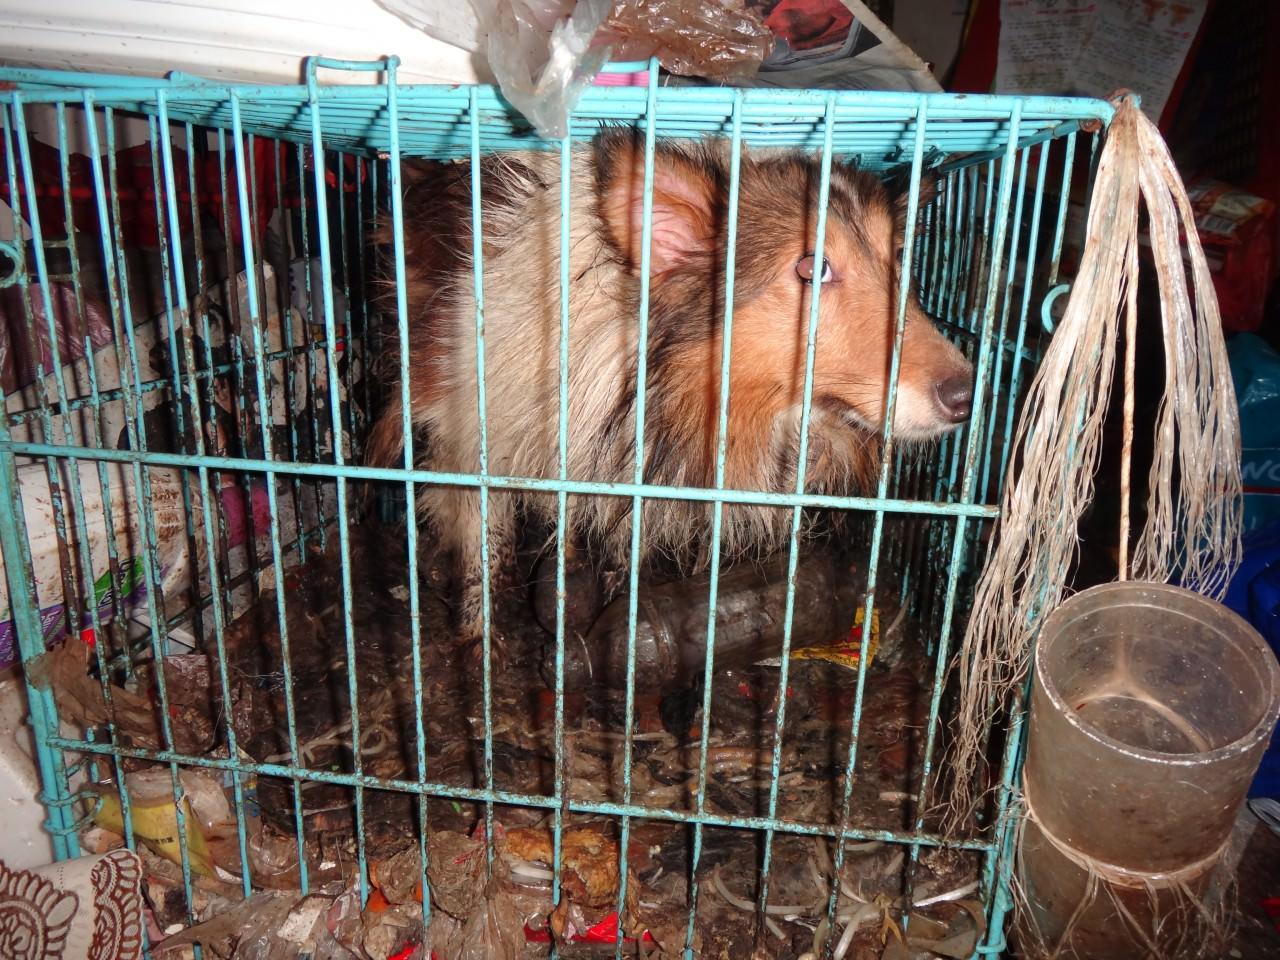 愛協督察到達現場後,會協助察方搜證,如記錄籠子的大細、糞便的厚度等虐待的證據。(SPCA提供)